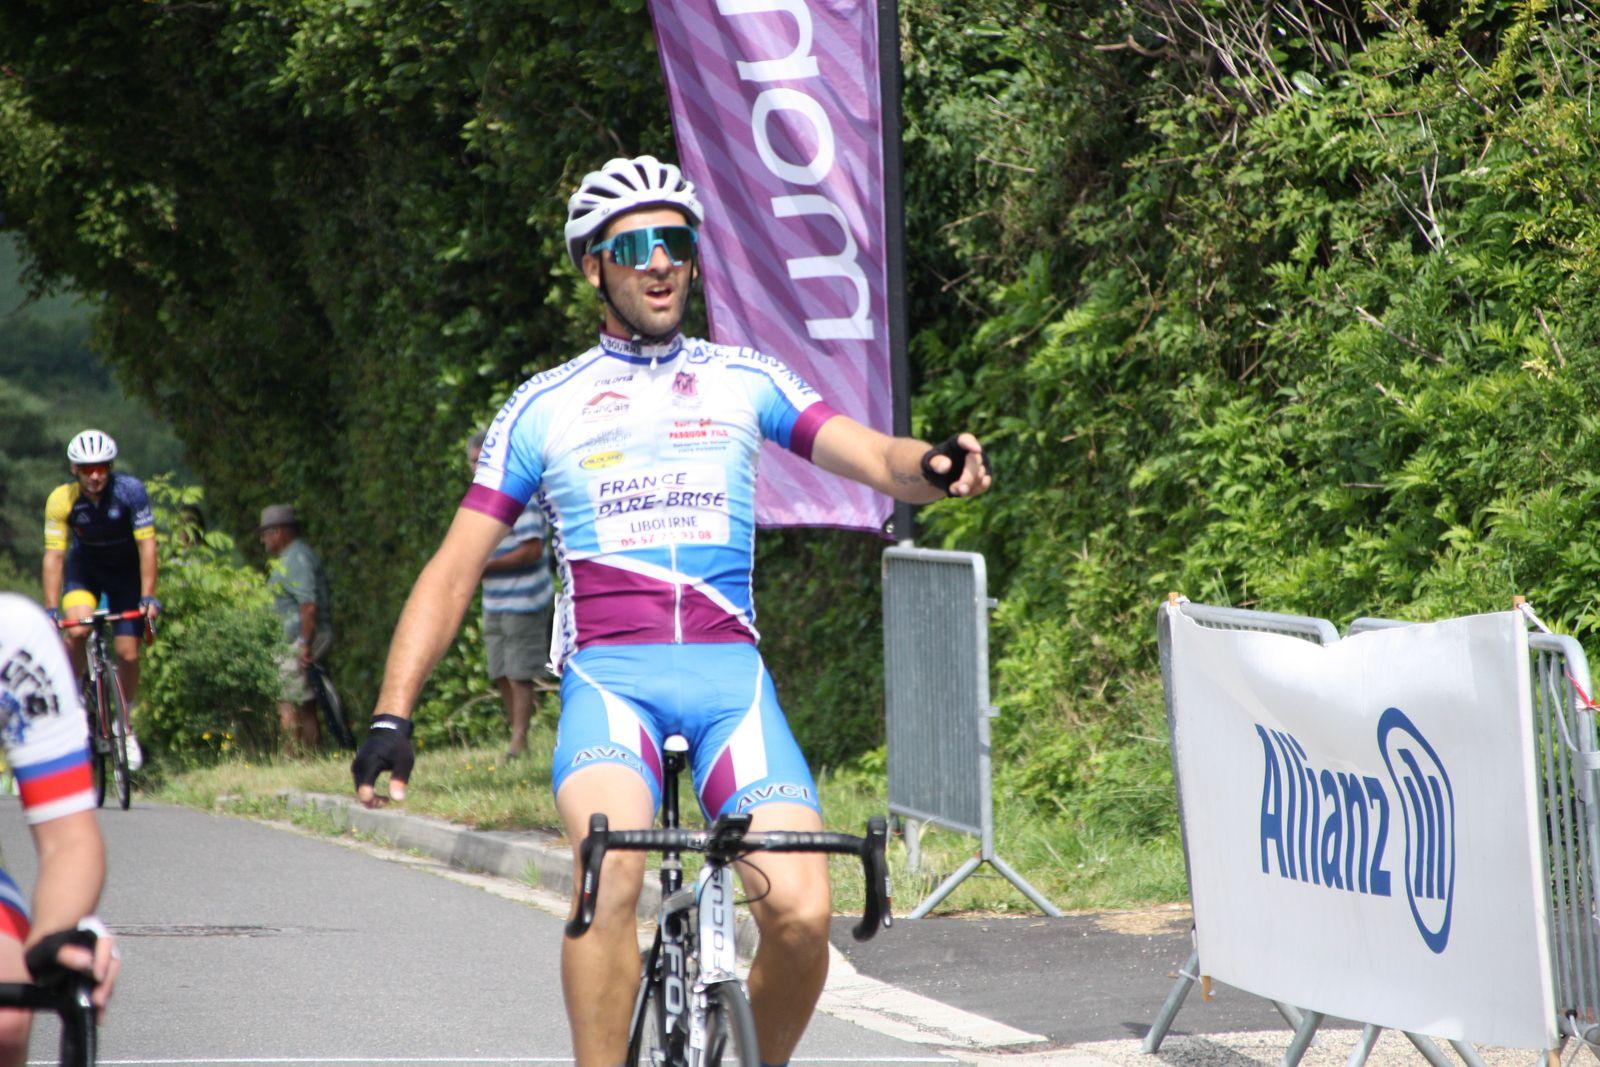 L'arrivée  et  la  victoire  pour  Frédéric  PERMENAS(AVC  Libourne)  déjà  2e  dimanche  dernier  à  Nieul les Saintes